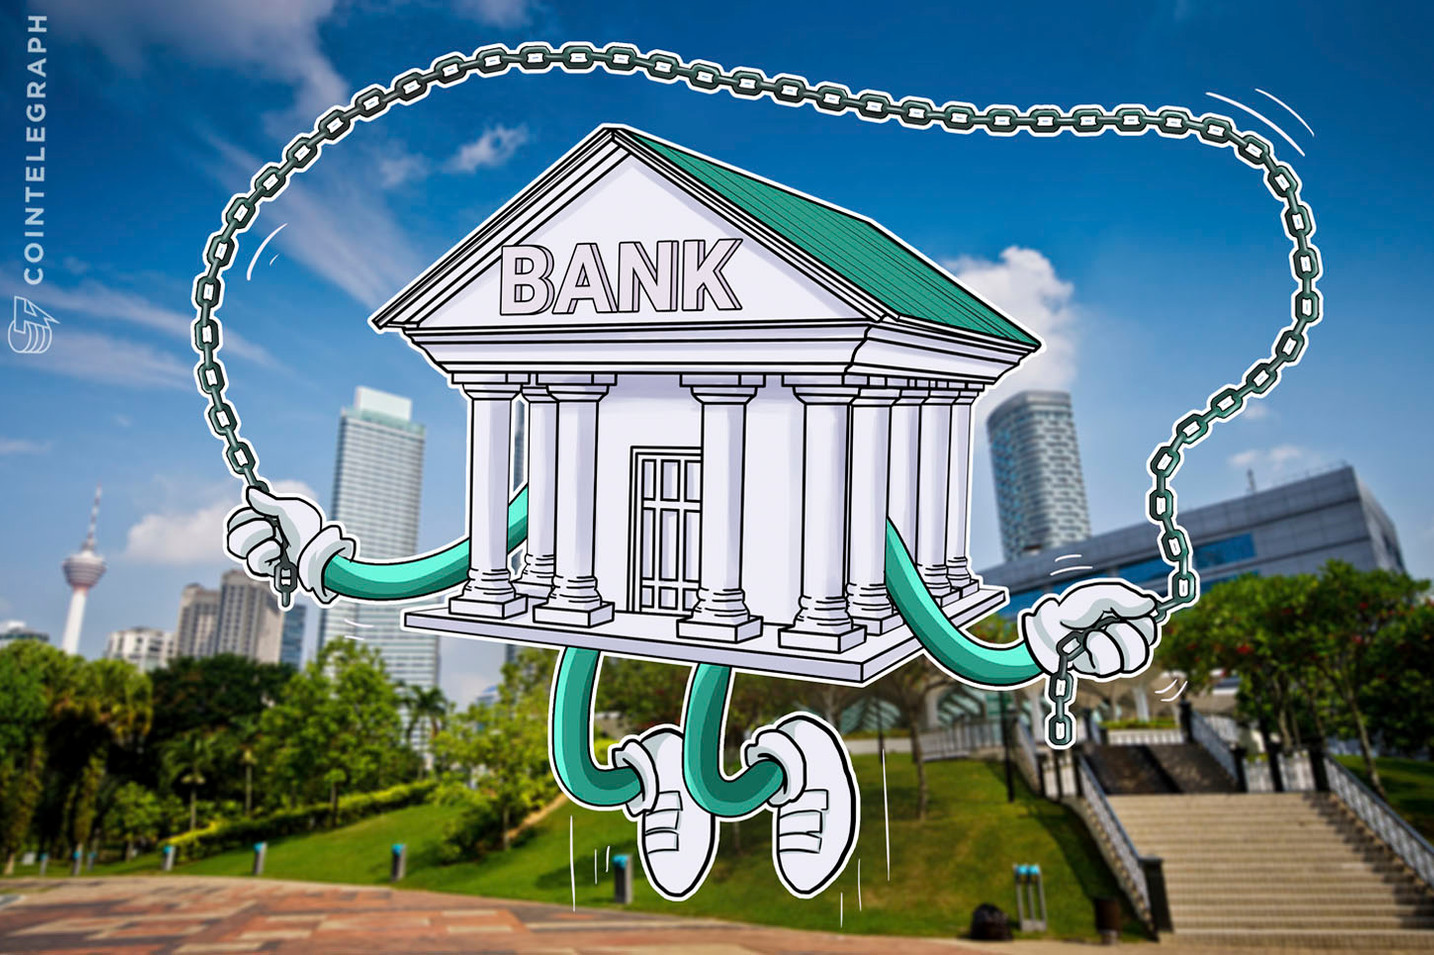 マレーシア、9銀行参加のブロックチェーン開発 貿易金融に応用